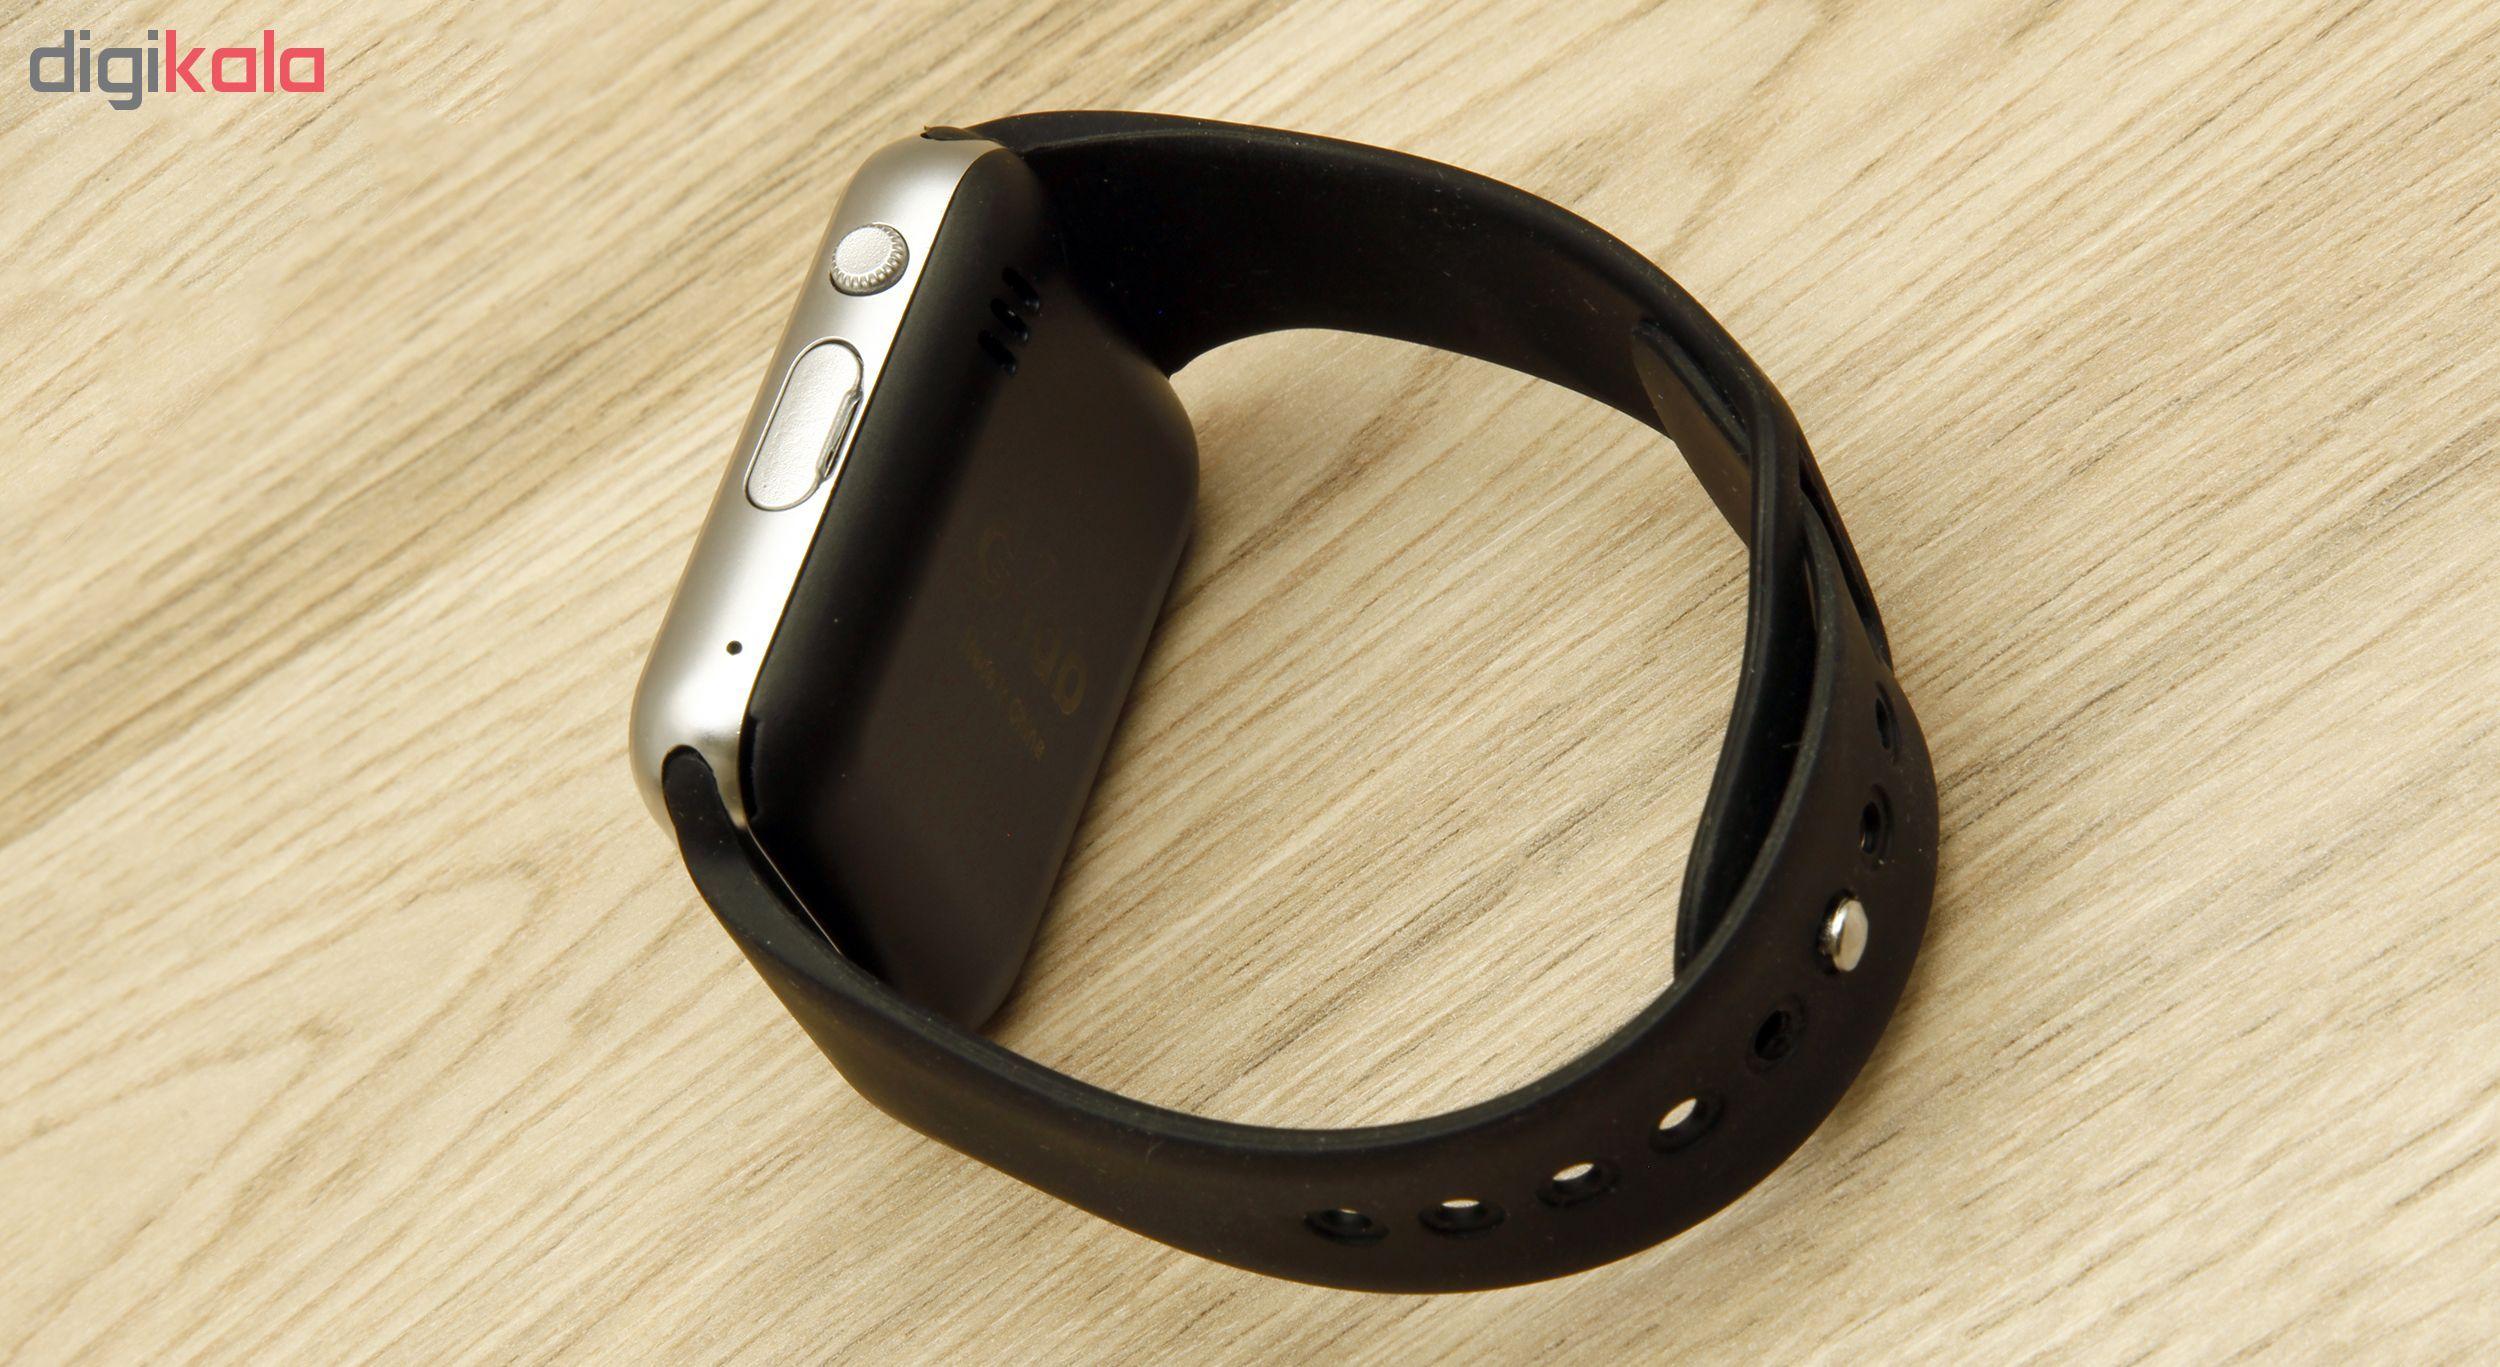 ساعت هوشمند جی تب مدل W101 main 1 16